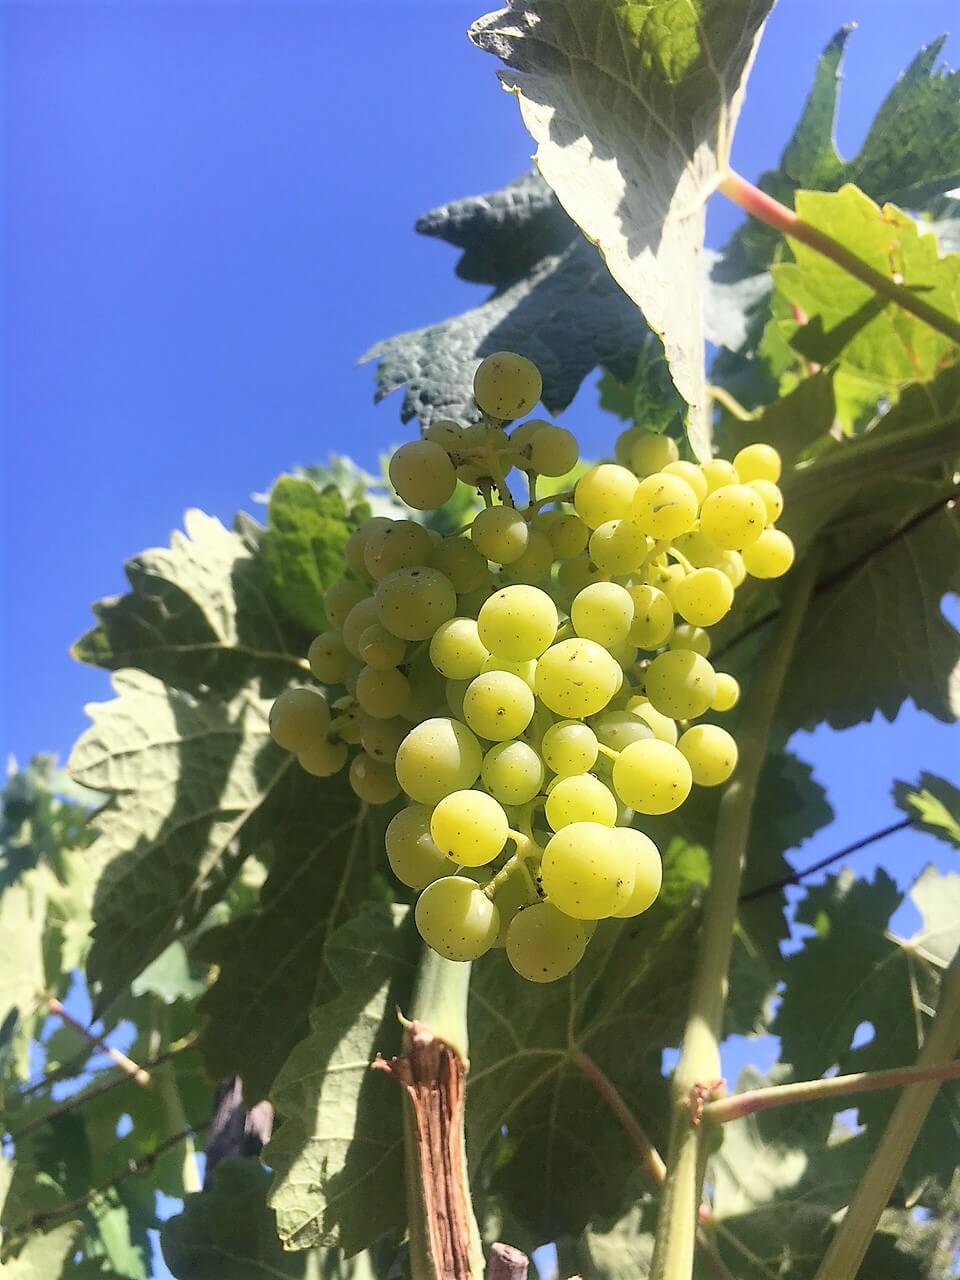 Blomster har blitt til druer. Struttende drueklaser pynter opp vingården vår i Acquapendente i Italia i juli. De gir glede og forventning om en ny vinhøst.